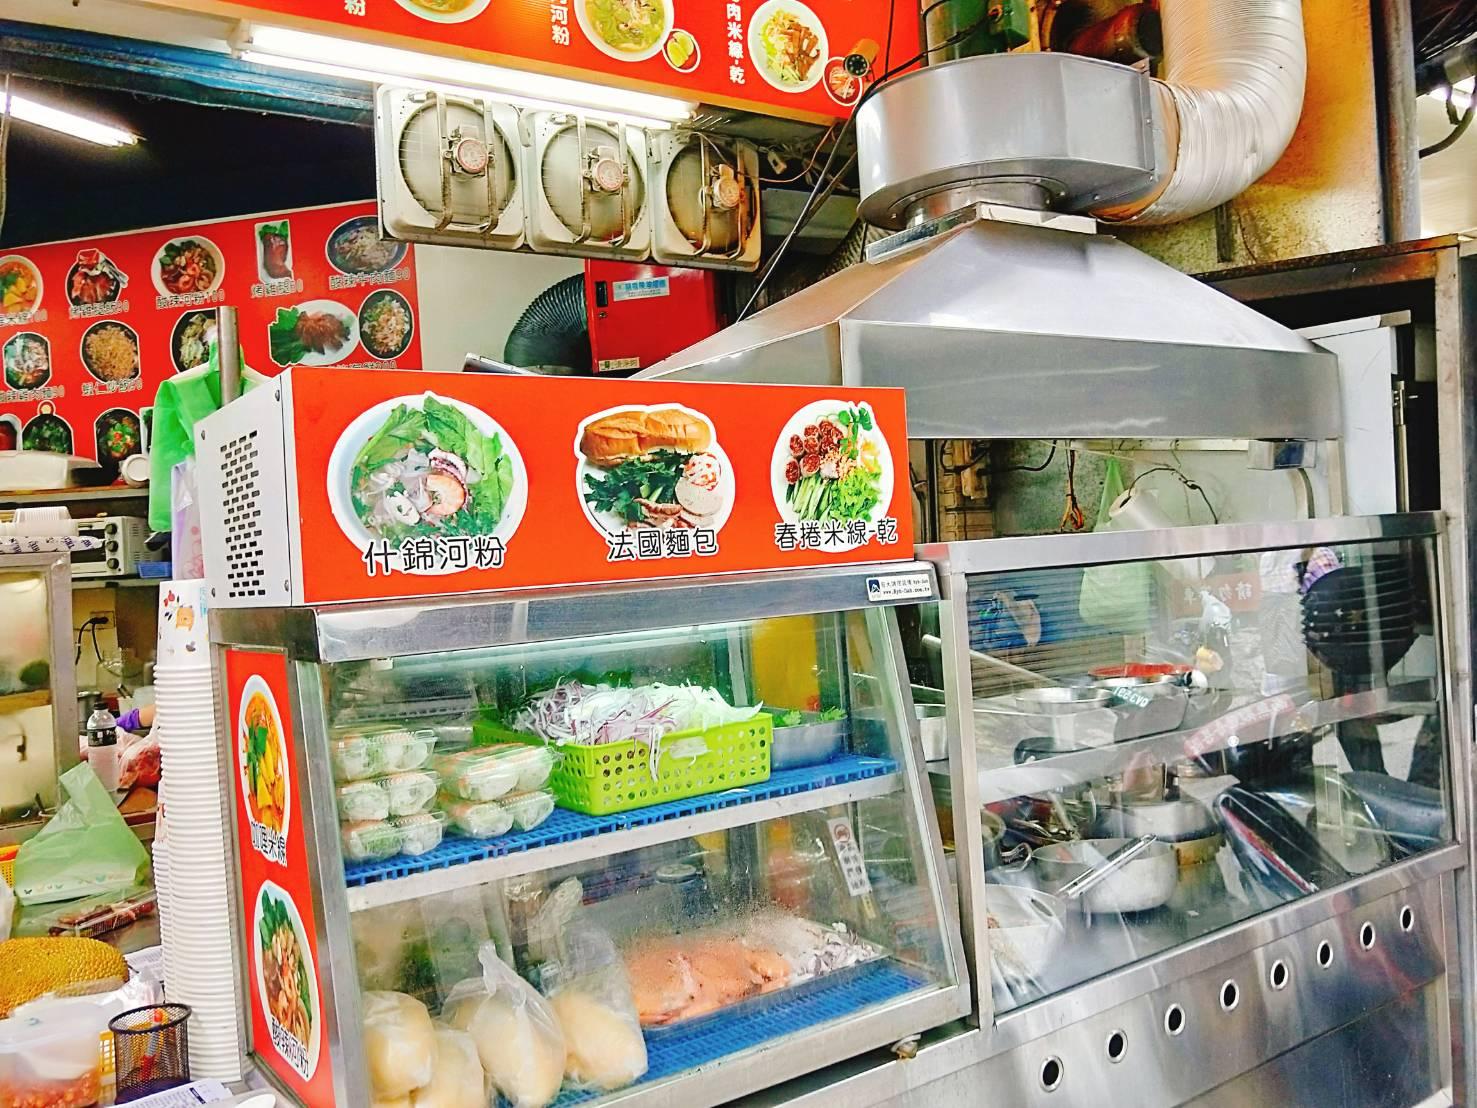 [食記] 桃園龜山 - 金味越南小吃 炸春捲及酸辣河粉 平價越式料理 酸甜滋味超道地 桃園美食 - 蘋果的背包食堂